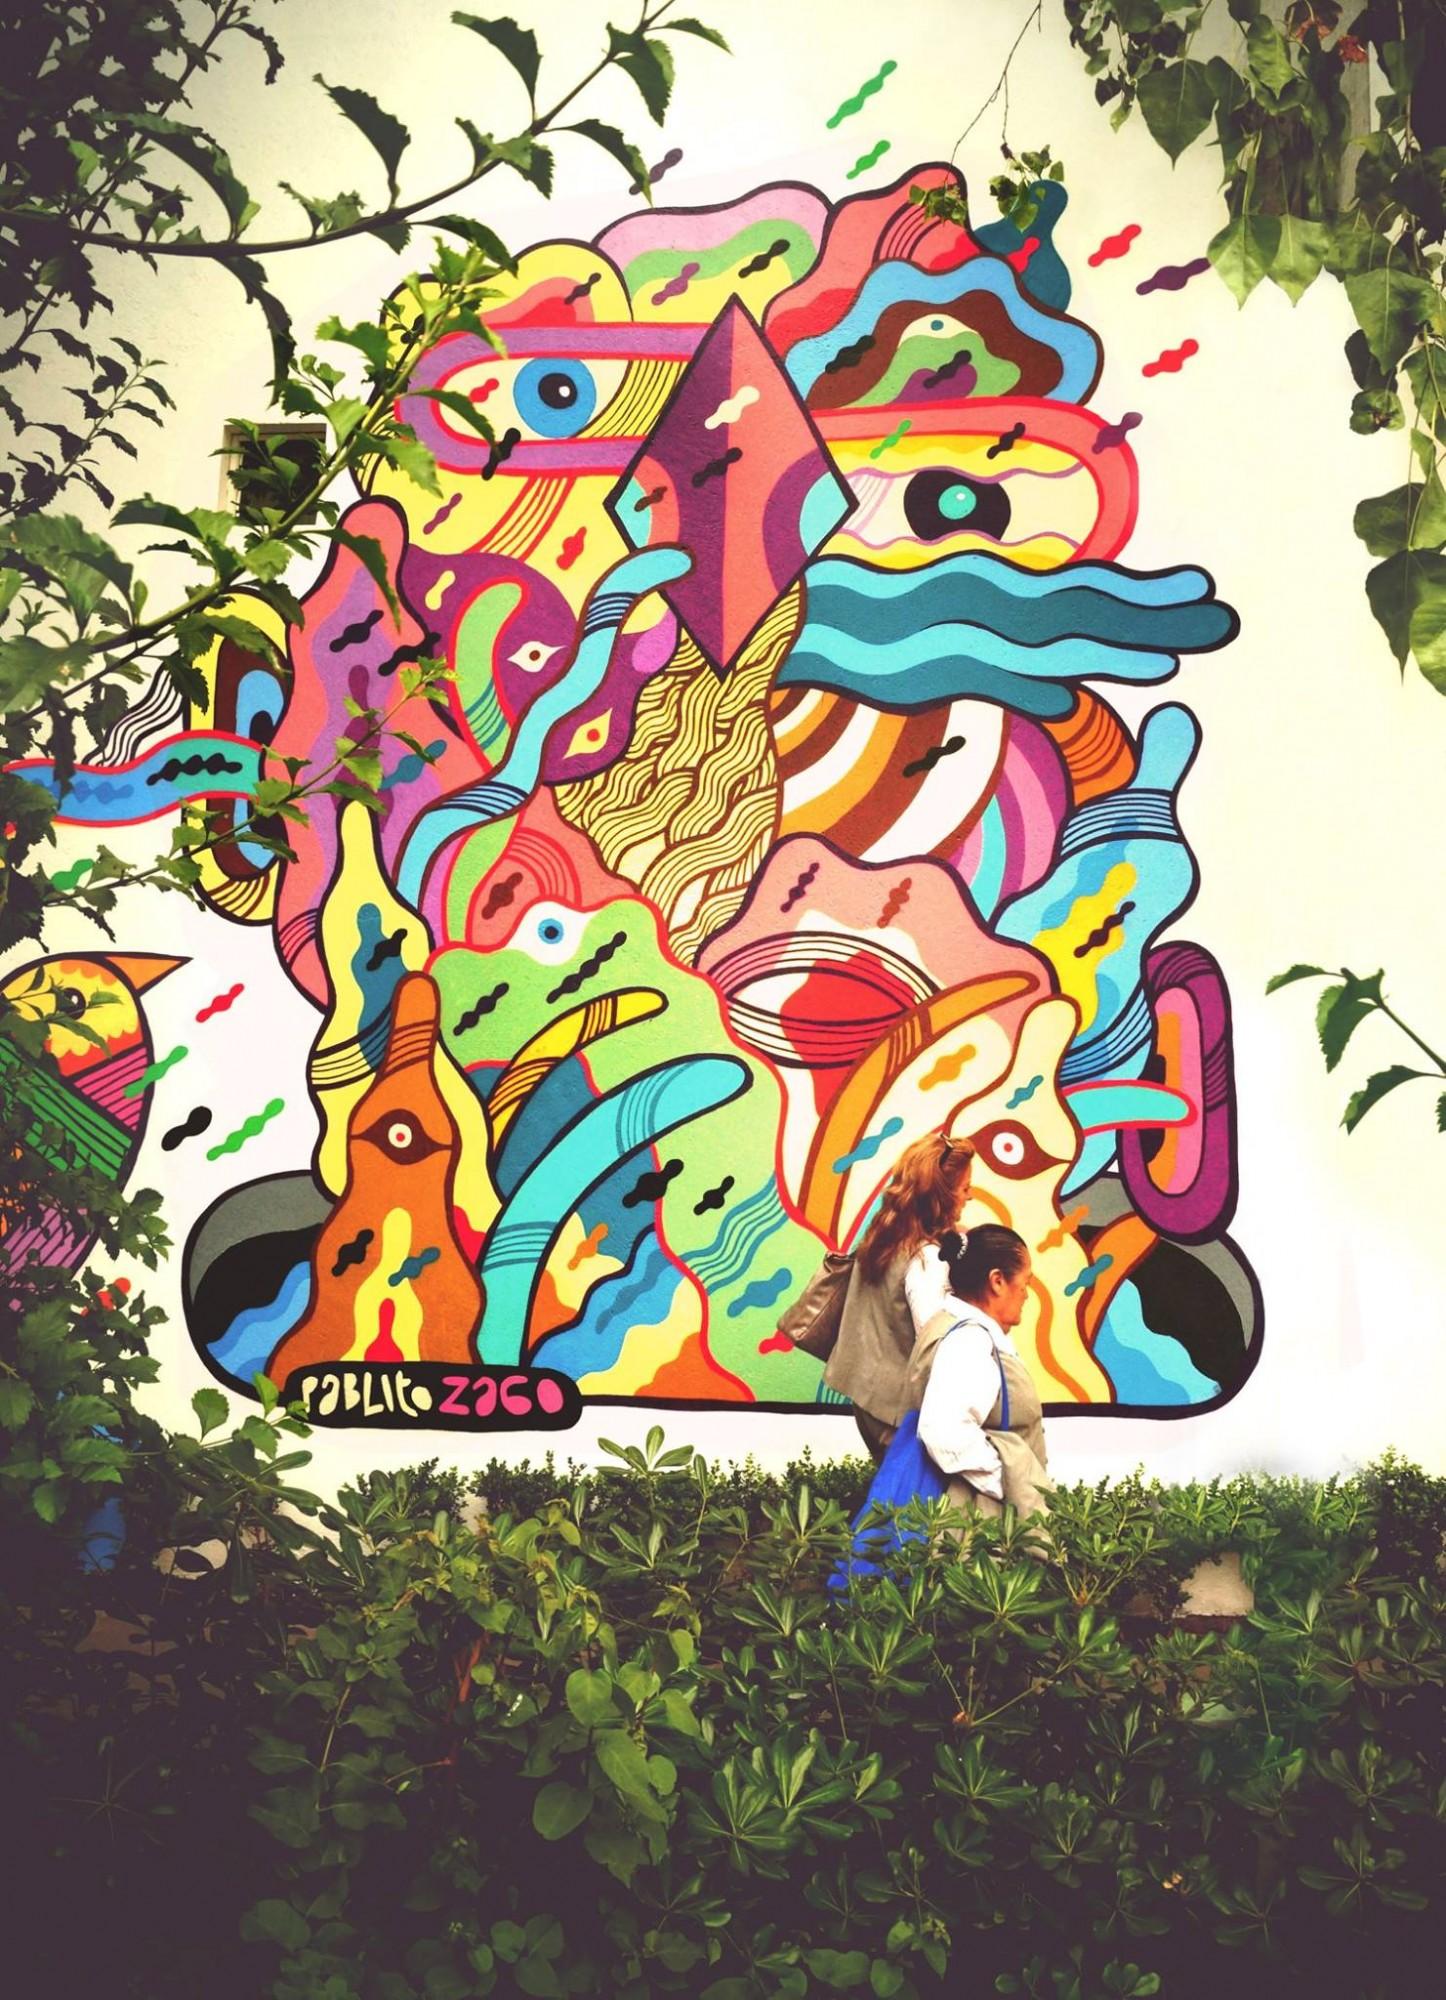 The Underground Spirit. Mural de Pablito Zago en la Ciudad de México.